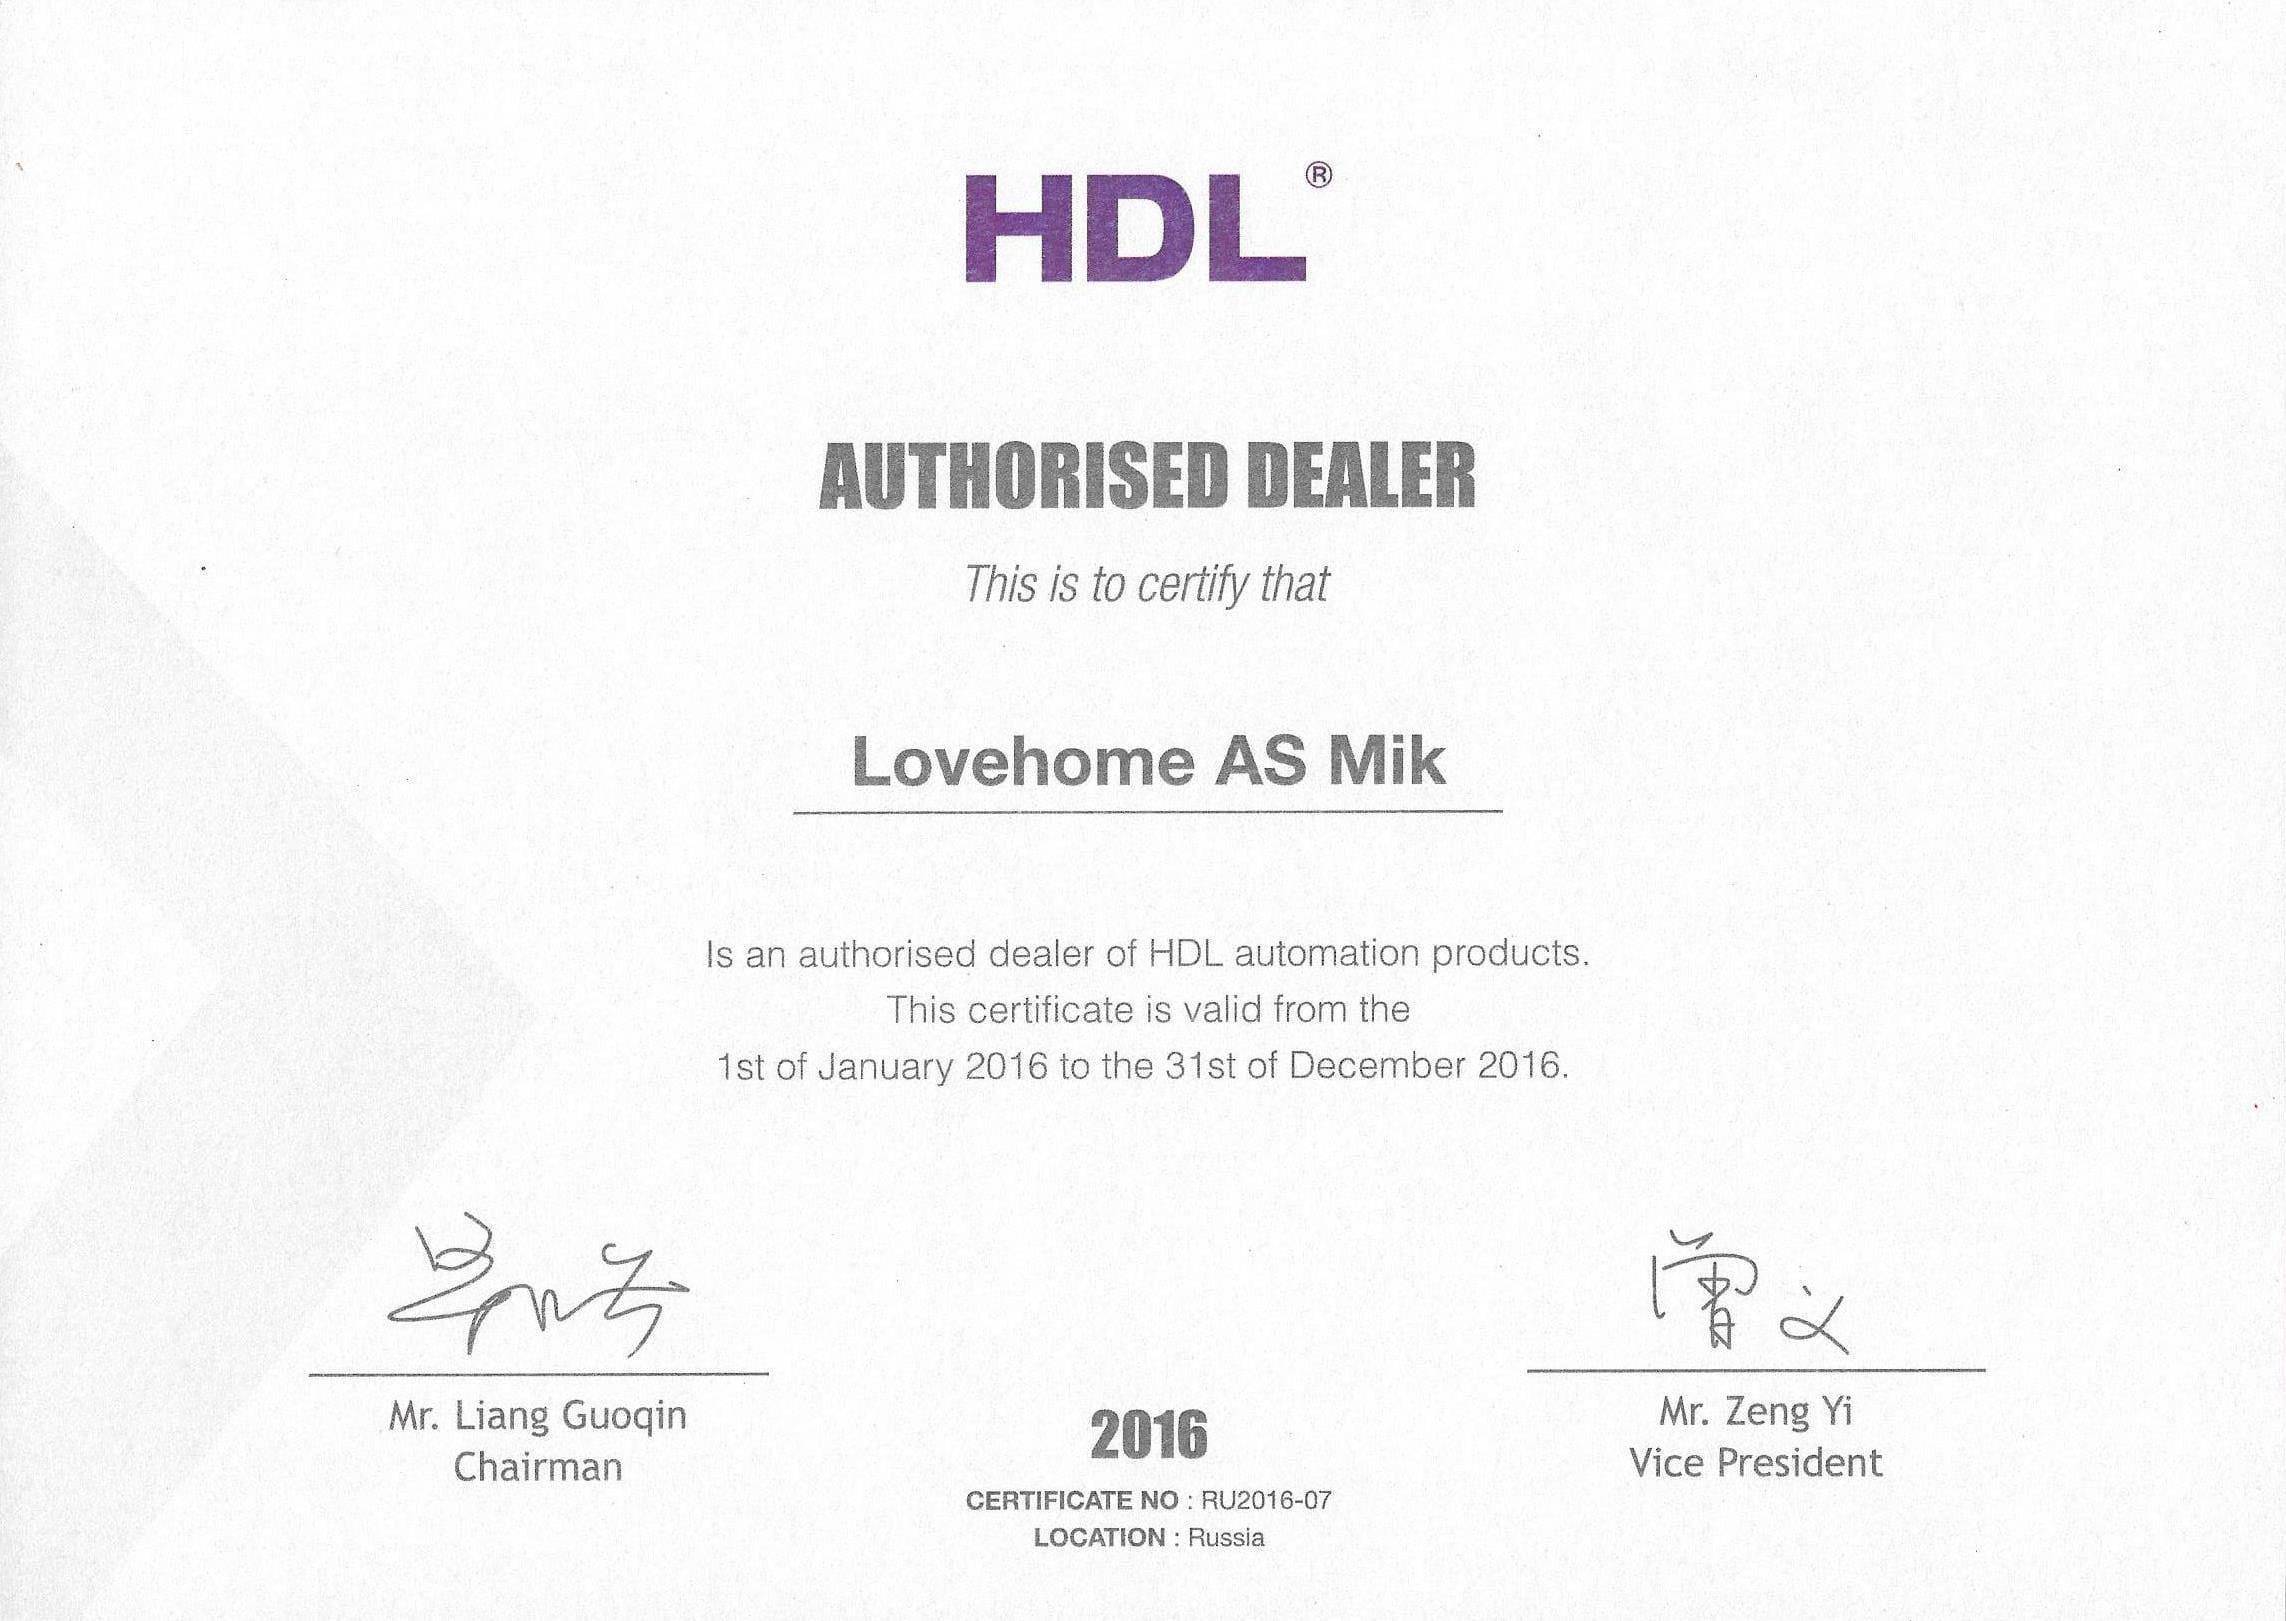 HDL auth dealer